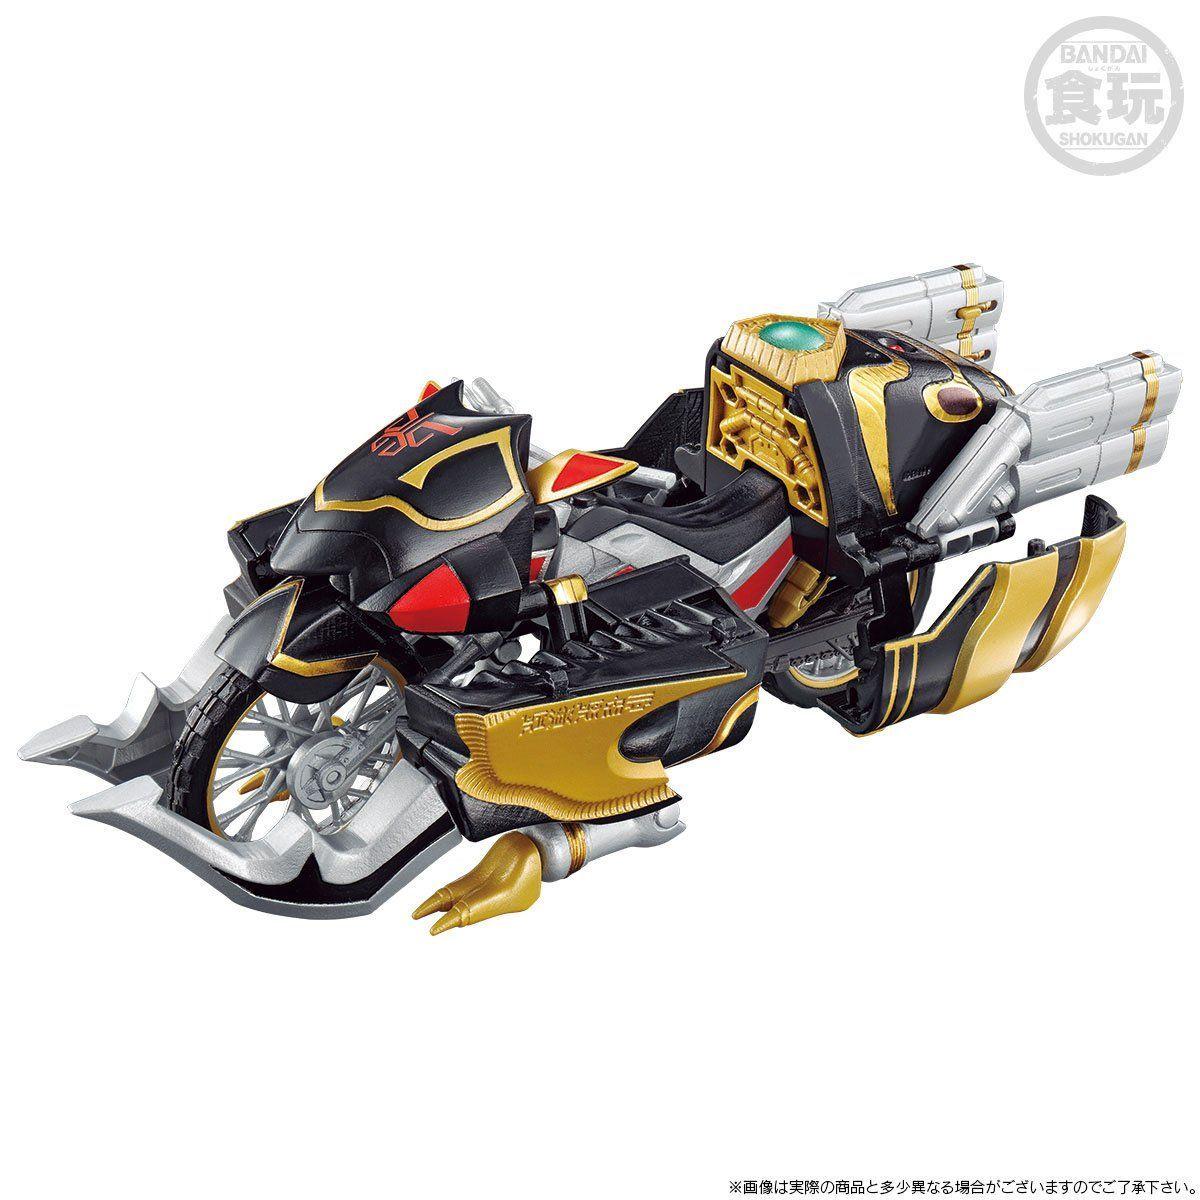 【限定販売】【食玩】SO-DO CHRONICLE『仮面ライダークウガトライチェイサー2000&装甲機ゴウラムセット』可動フィギュア-004